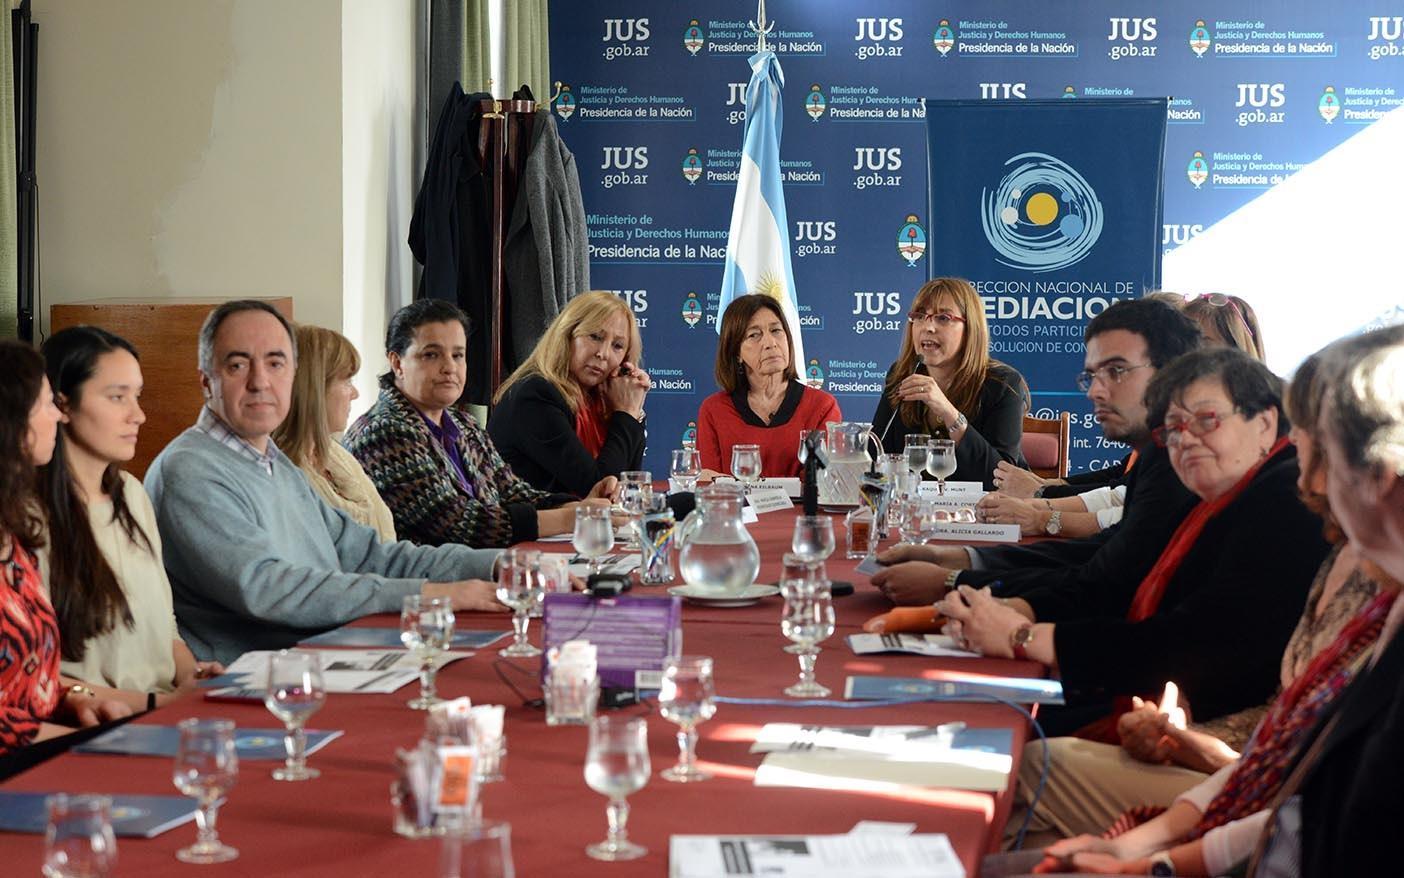 Conversatorio sobre procesos de diálogo y construcción de consenso entre Argentina y Colombia